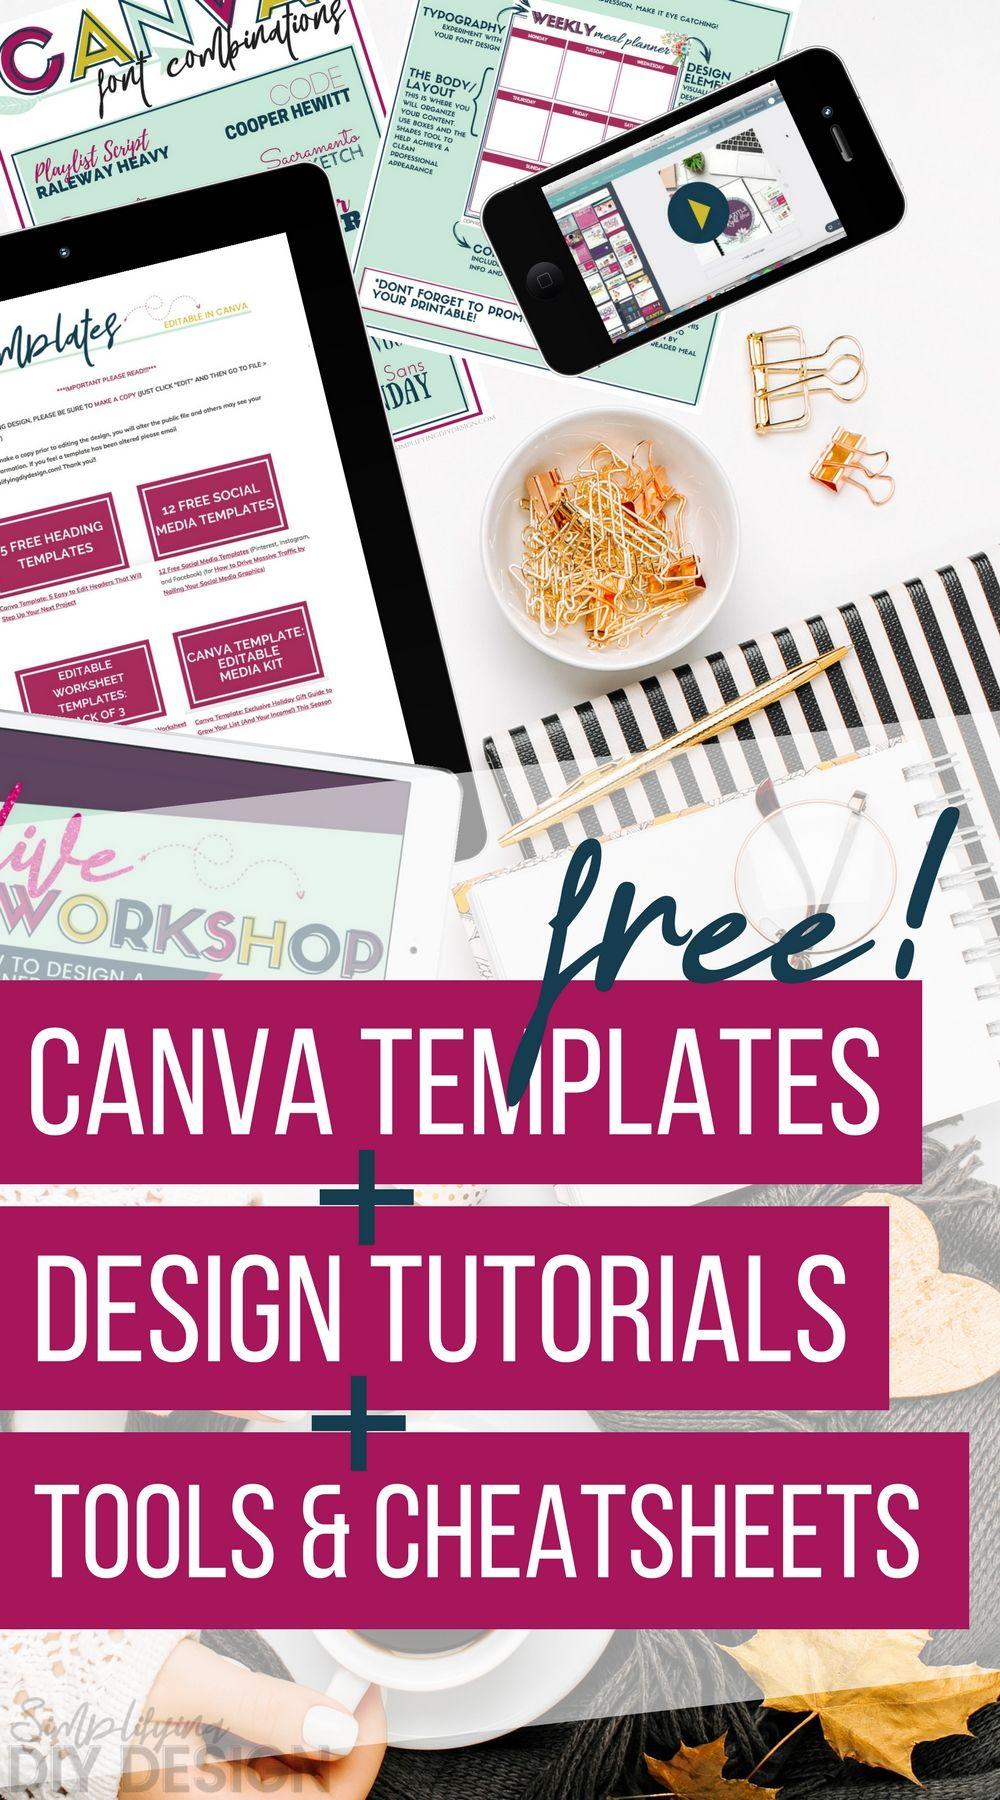 design library sign up pinterest design tutorials worksheets